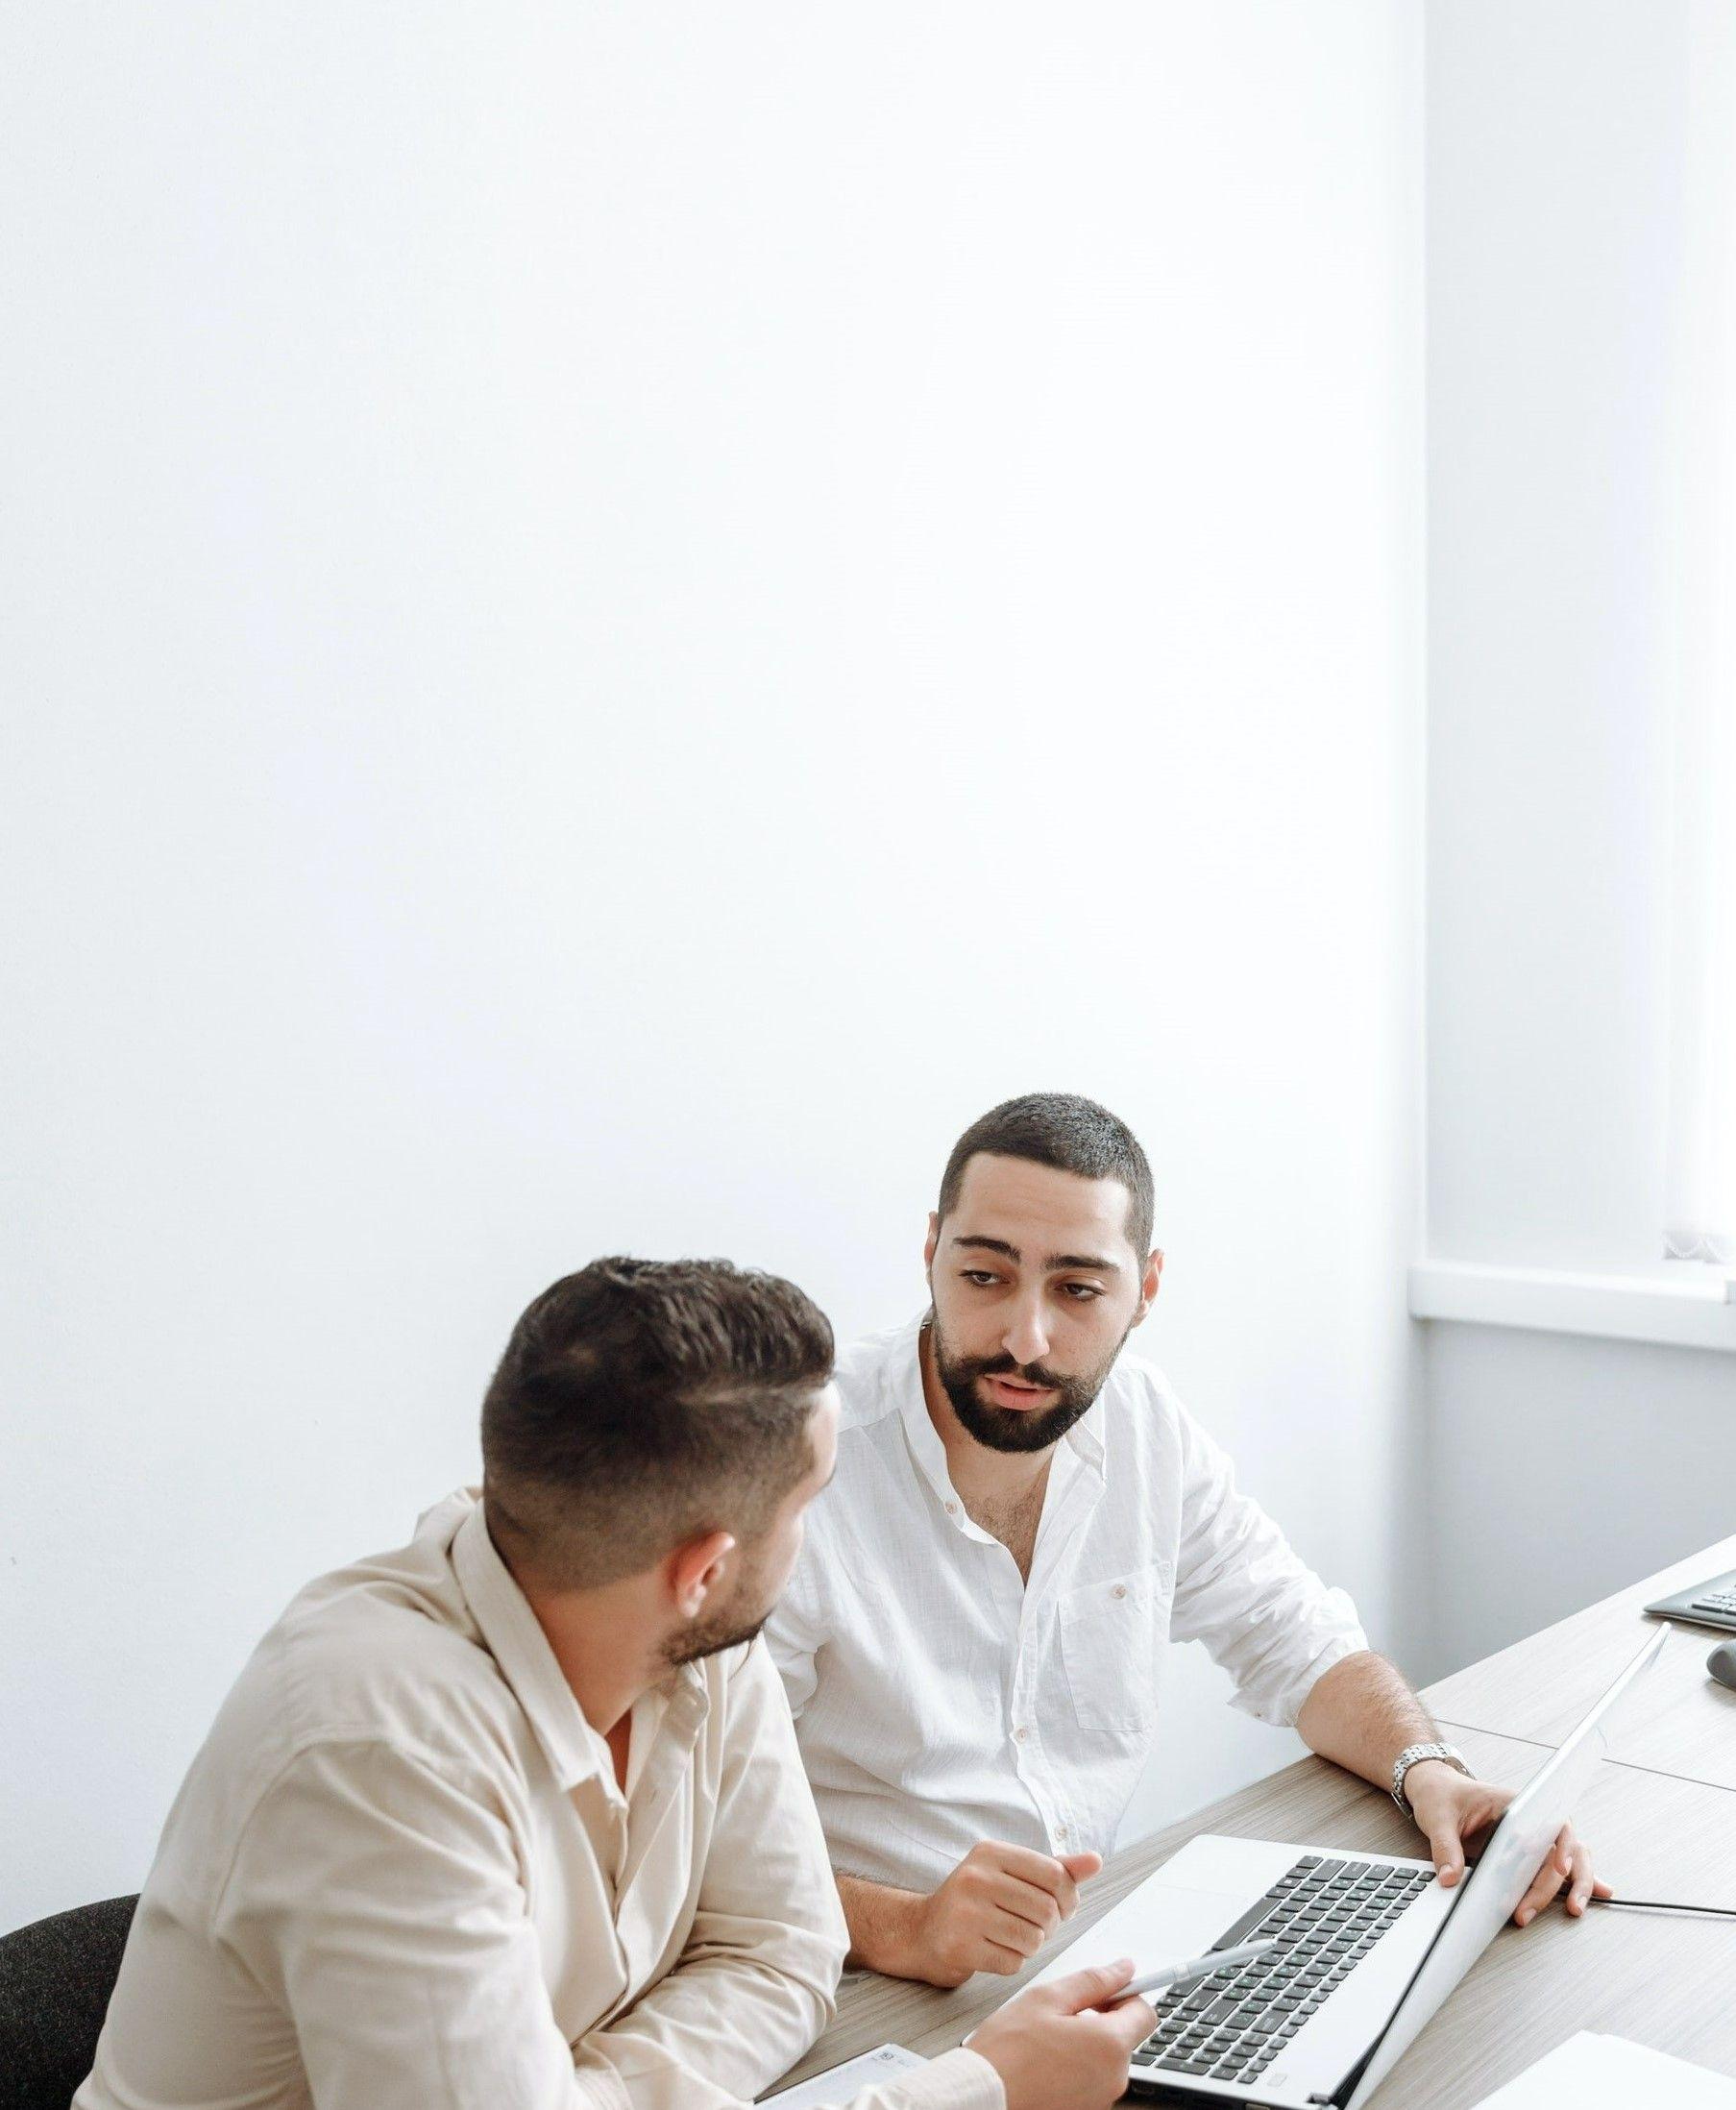 На фото два мужчины в офисе обсуждают план развития на ноутбуке